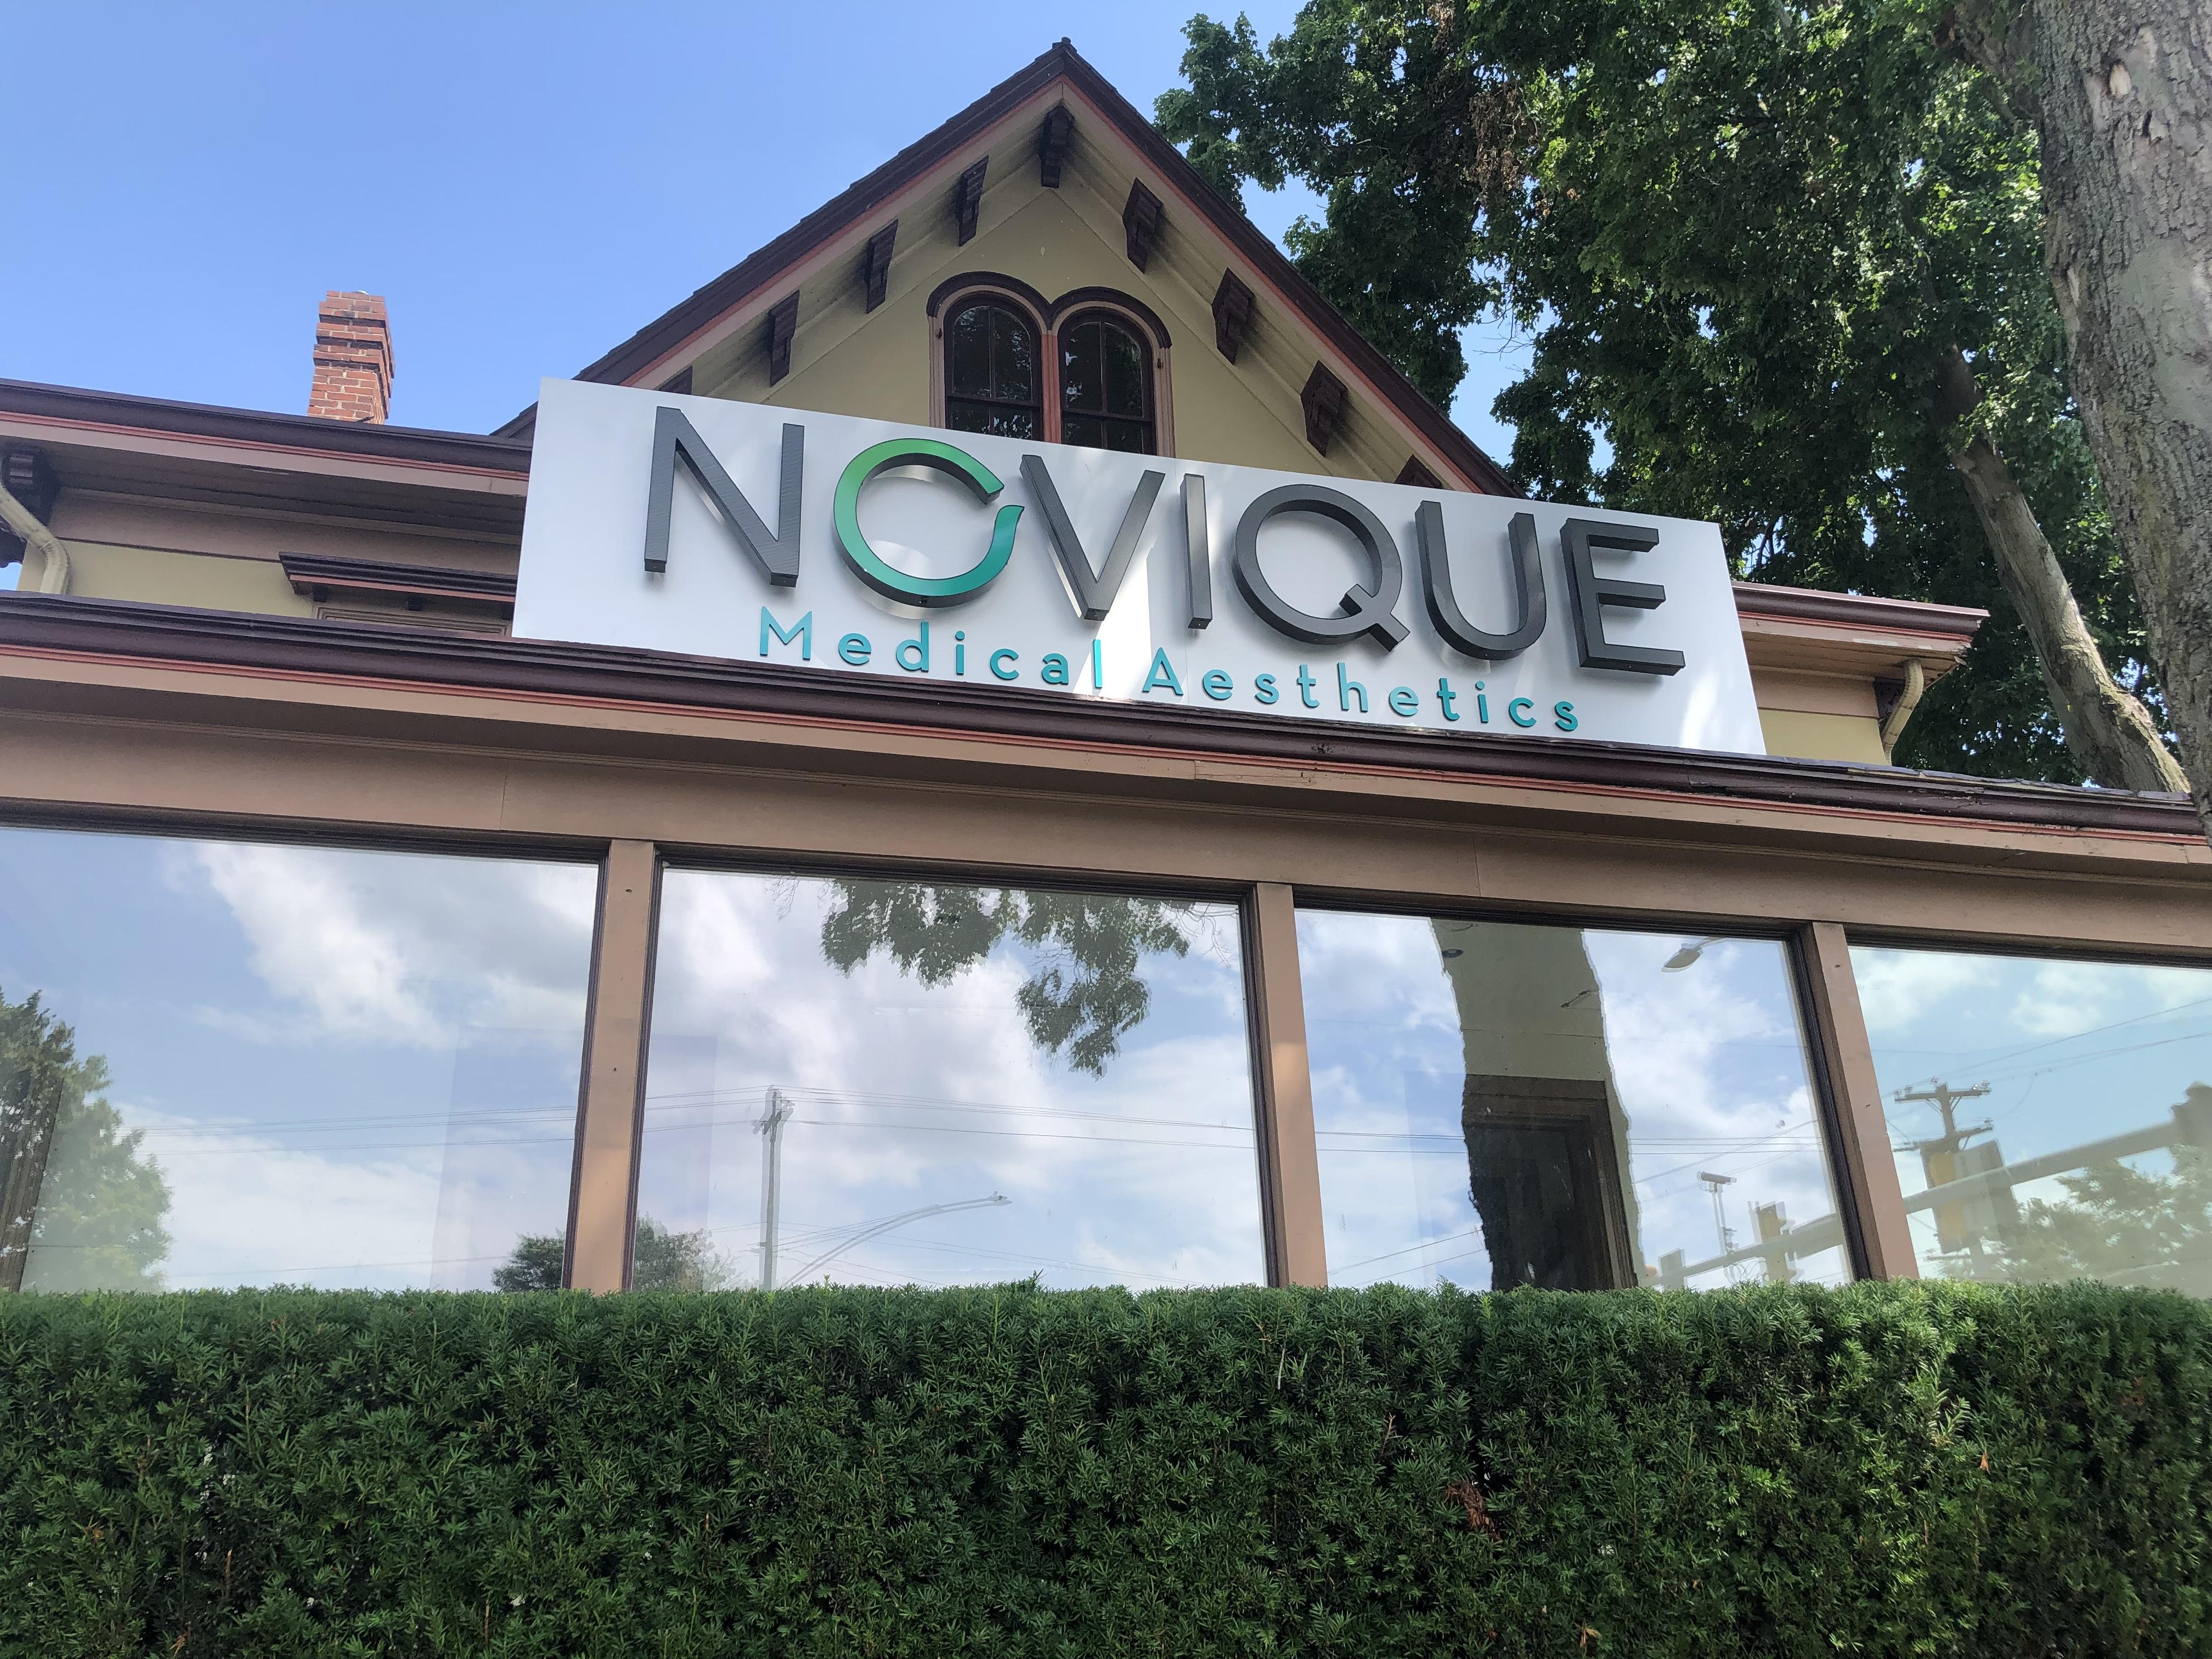 Novique Medical Spa - Doylestown, PA 18901 - (267)899-5020 | ShowMeLocal.com